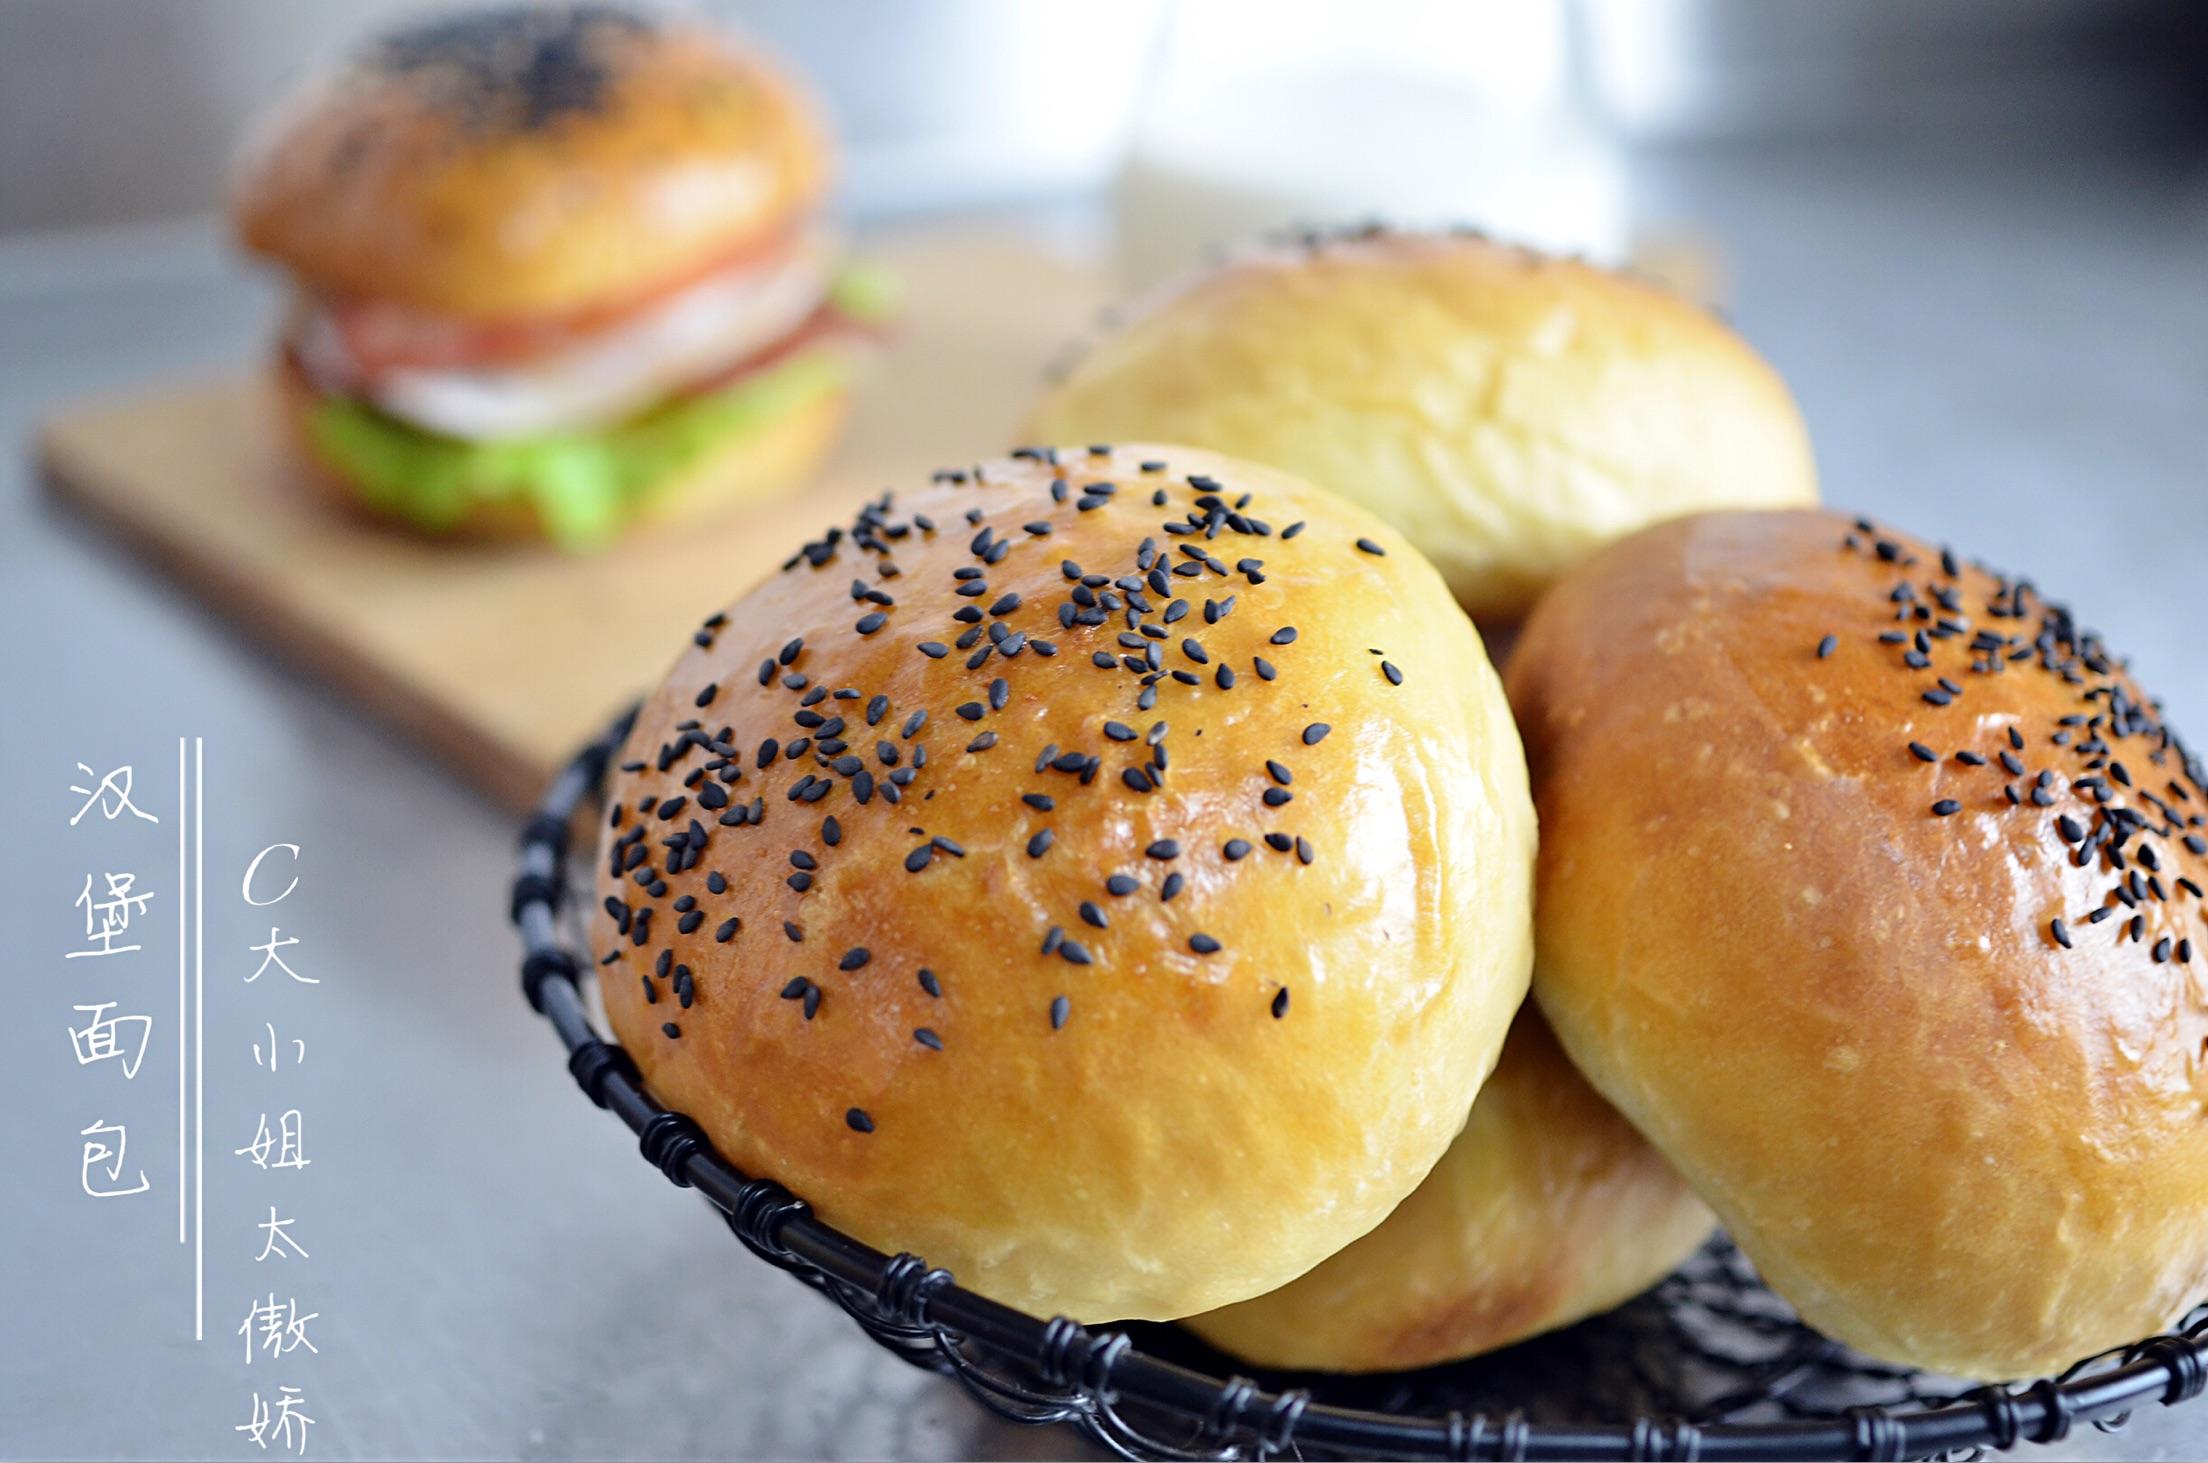 酵母3g 水90g 黄油30g 盐3g 熟芝麻少许 简单揉—汉堡面包的做法步骤